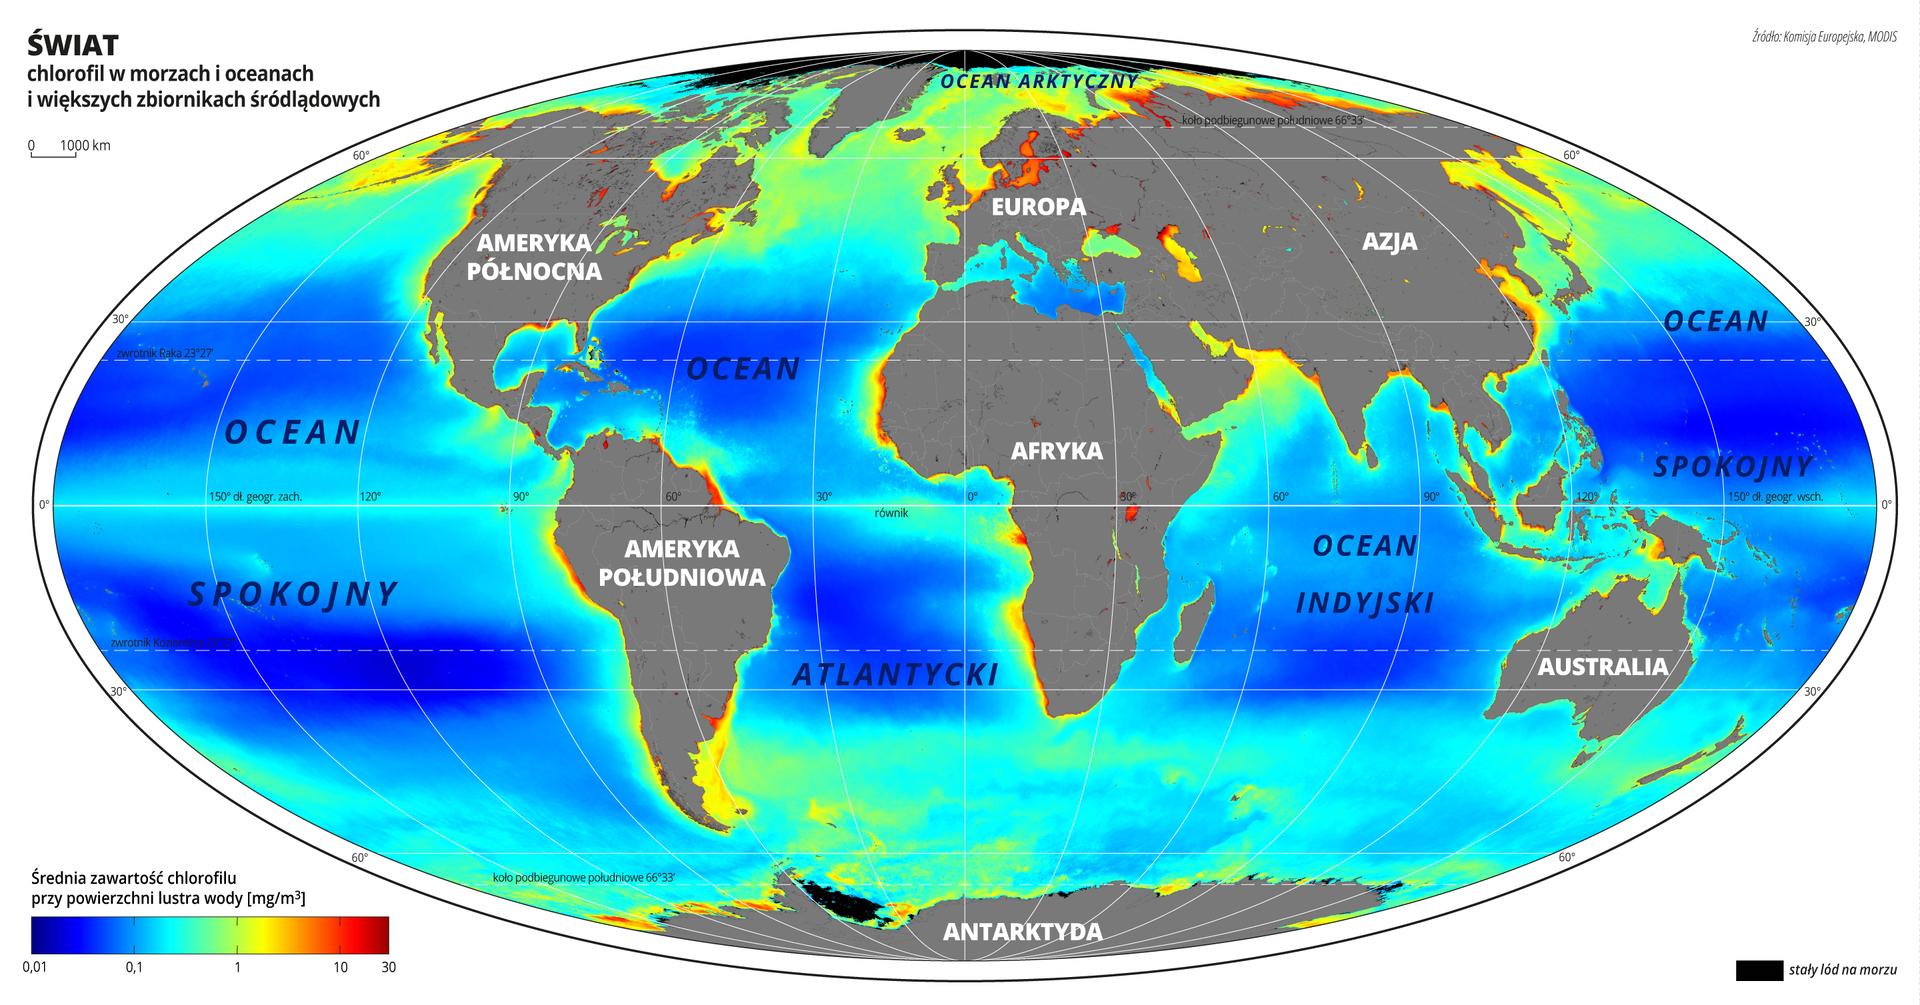 Ilustracja przedstawia mapę świata. Opisano kontynenty.Na mapie za pomocą kolorów przedstawiono średnią zawartość chlorofilu wmorzach, oceanach iwiększych zbiornikach śródlądowych.Oceany są koloru ciemnoniebieskiego iniebieskiego, bliżej lądów kolor przechodzi wzielony, awiększość wybrzeży jest koloru żółtego. Wpobliżu wpływów wielkich rzek do mórz ioceanów kolor jest czerwony.Mapa pokryta jest równoleżnikami ipołudnikami. Dookoła mapy wbiałej ramce opisano współrzędne geograficzne co trzydzieści stopni.Na dole mapy po lewej stronie umieszczono poziomy cieniowany pasek. Zlewej strony kolor ciemnoniebieski przechodzi wjasnoniebieski, następnie przez zielony do żółtego iprzez pomarańczowy do czerwonego. Najniższą zawartość chlorofilu przy powierzchni lustra wody obrazuje kolor ciemnoniebieski – wynosi ona poniżej 0,01 miligramów na metr sześcienny. Kolor zielony obrazuje wartości około jednego miligrama na metr sześcienny, kolor pomarańczowy – dziesięć, akolor czerwony trzydzieści miligramów na metr sześcienny.